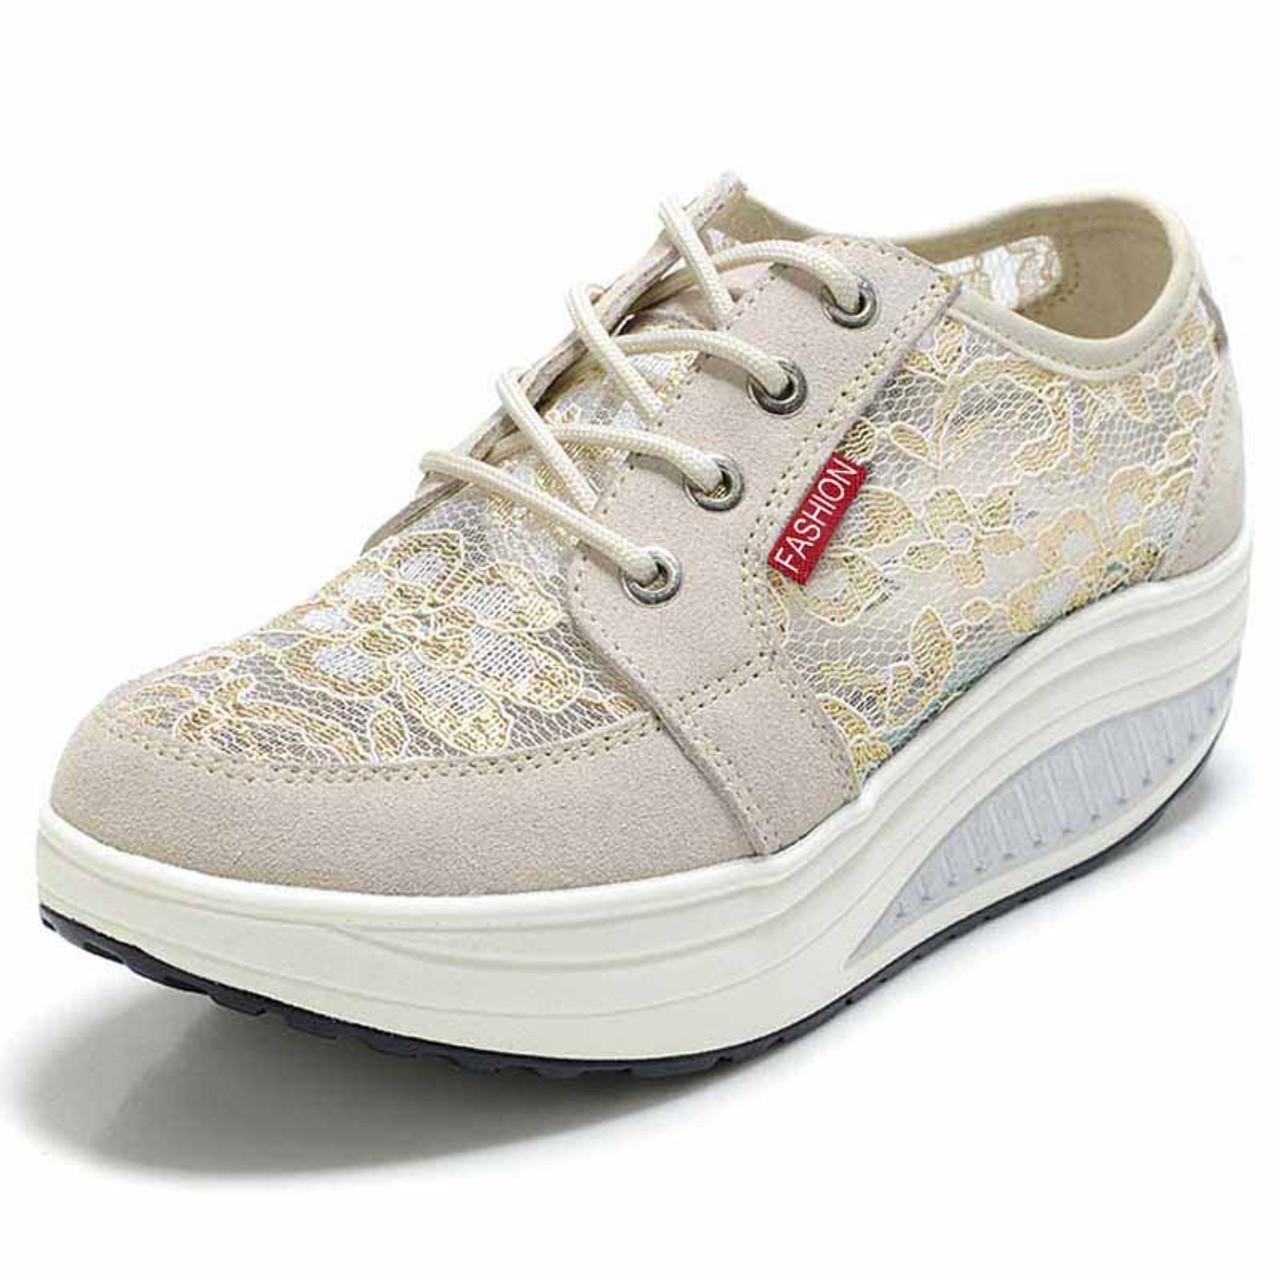 Beige floral lace rocker bottom shoe